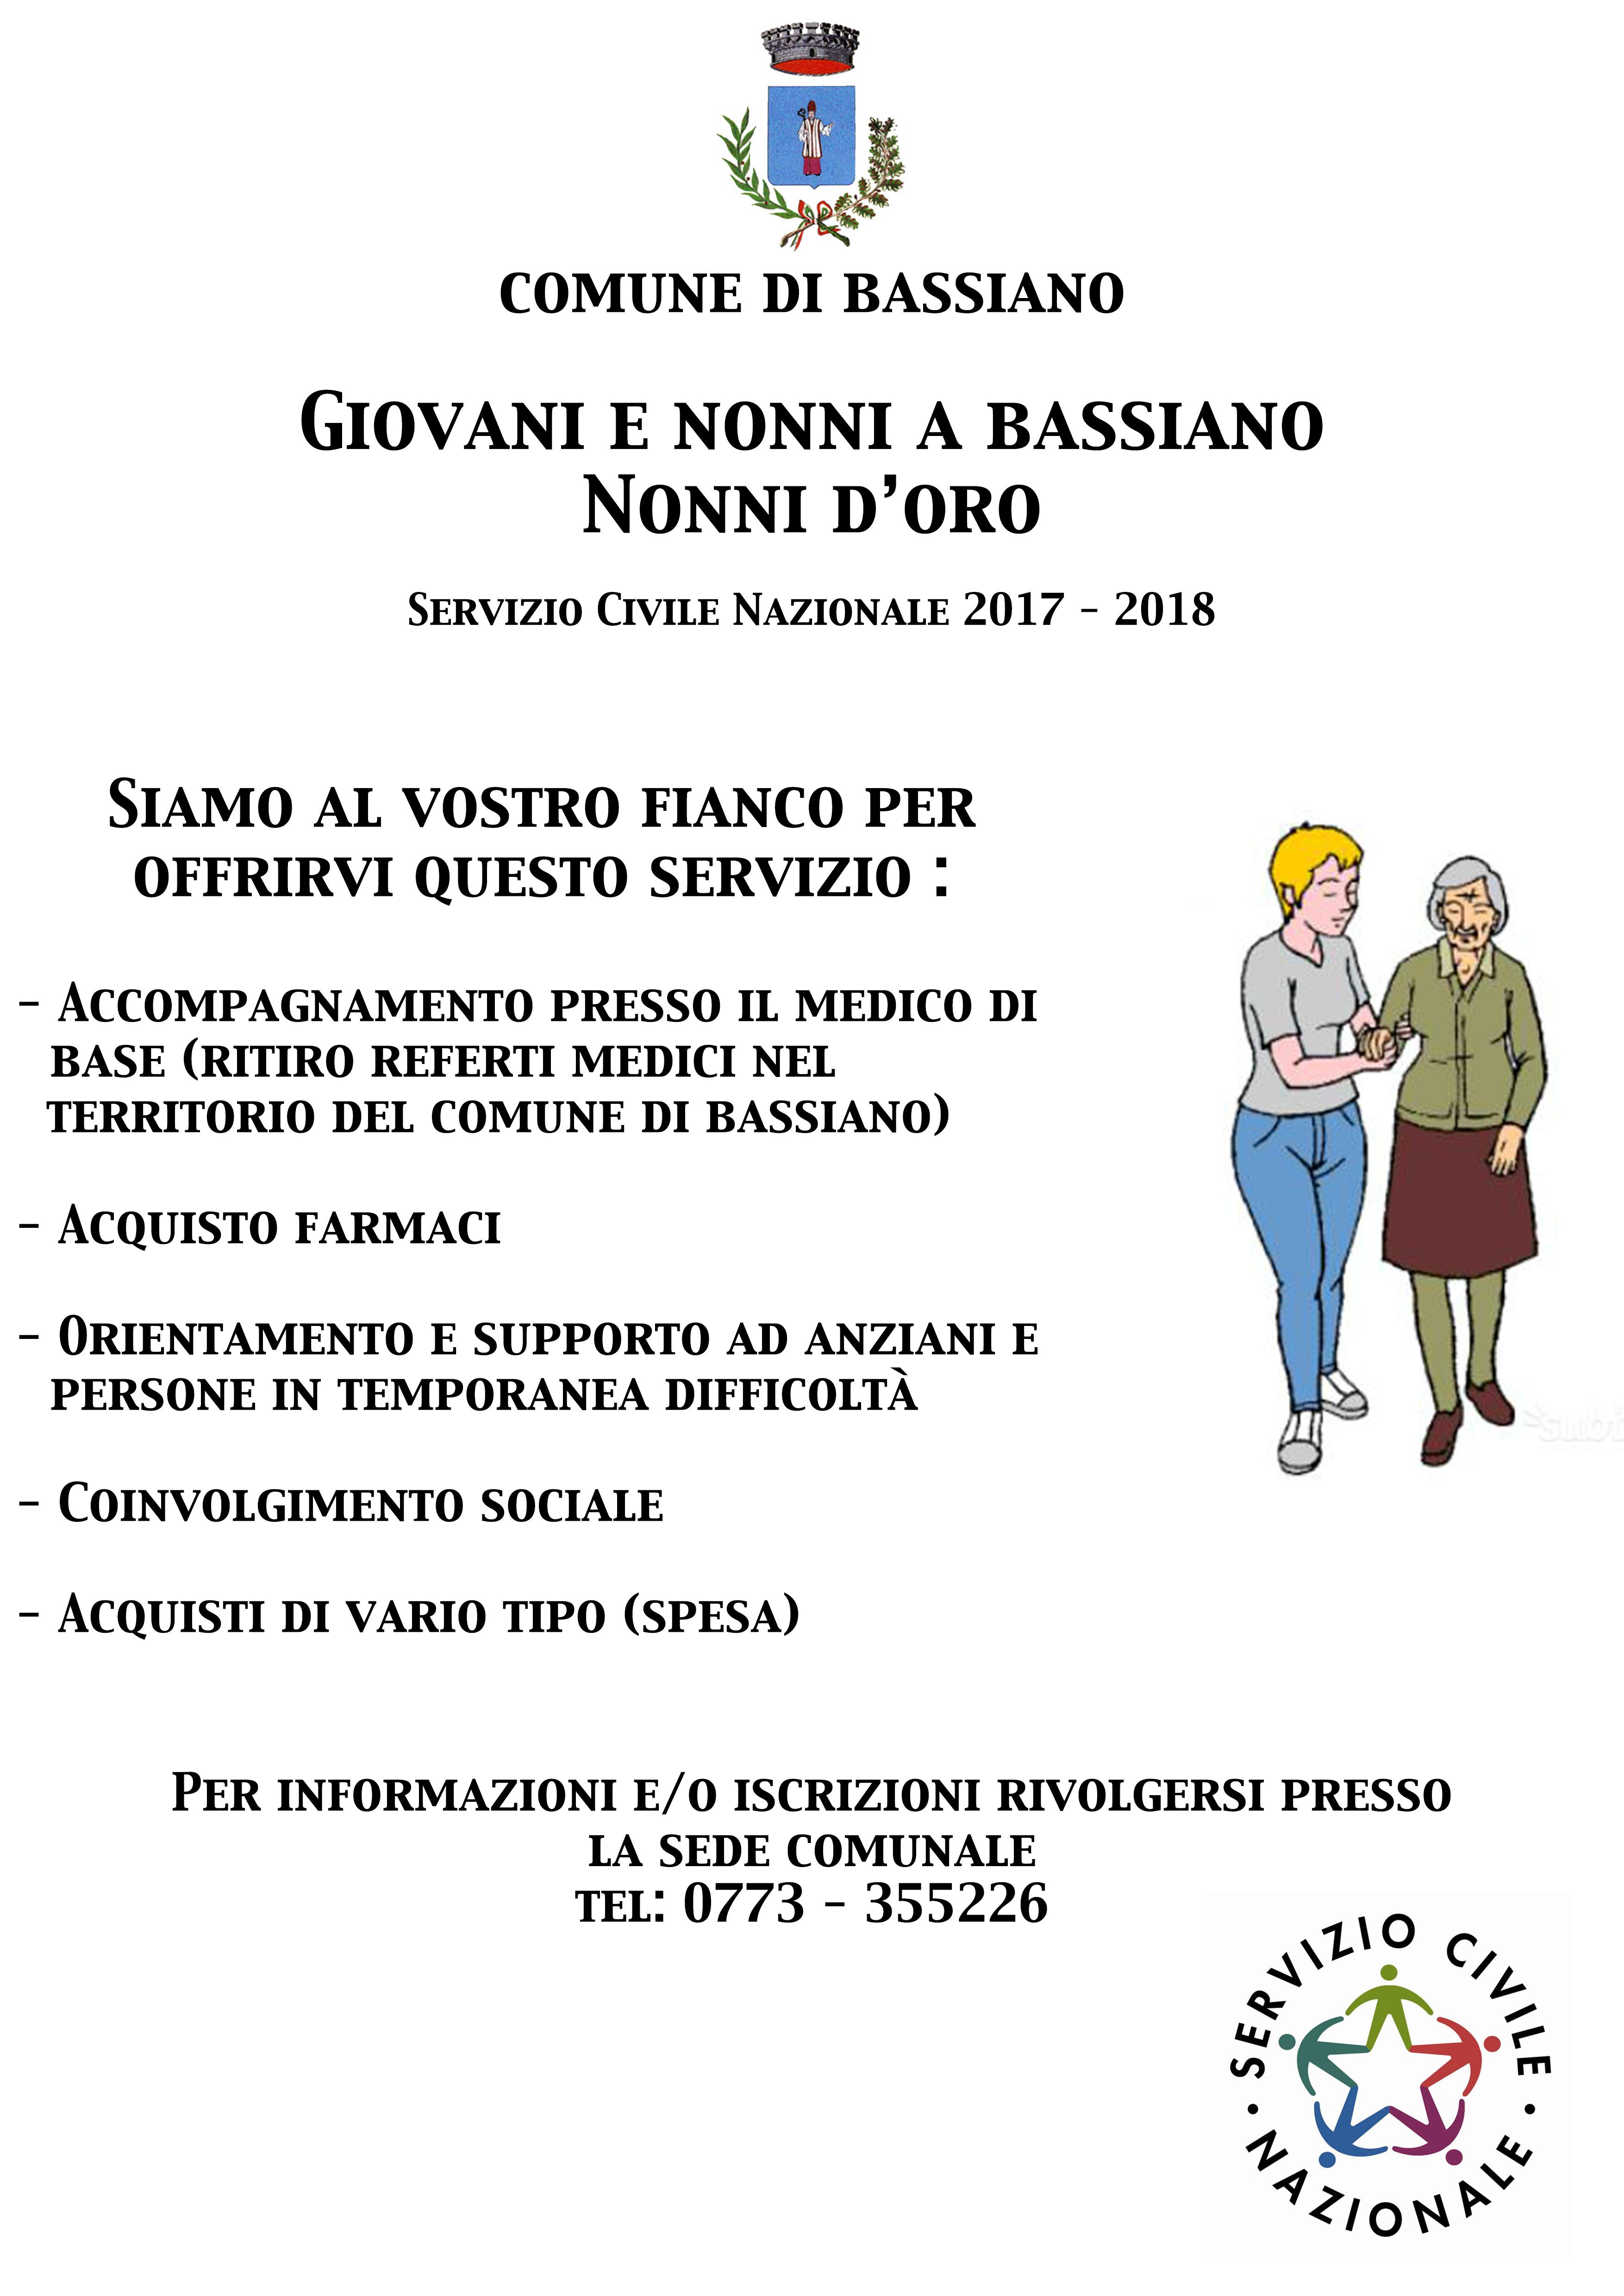 COMUNICAZIONE SERVIZIO CIVILE NAZIONALE 2017-2018